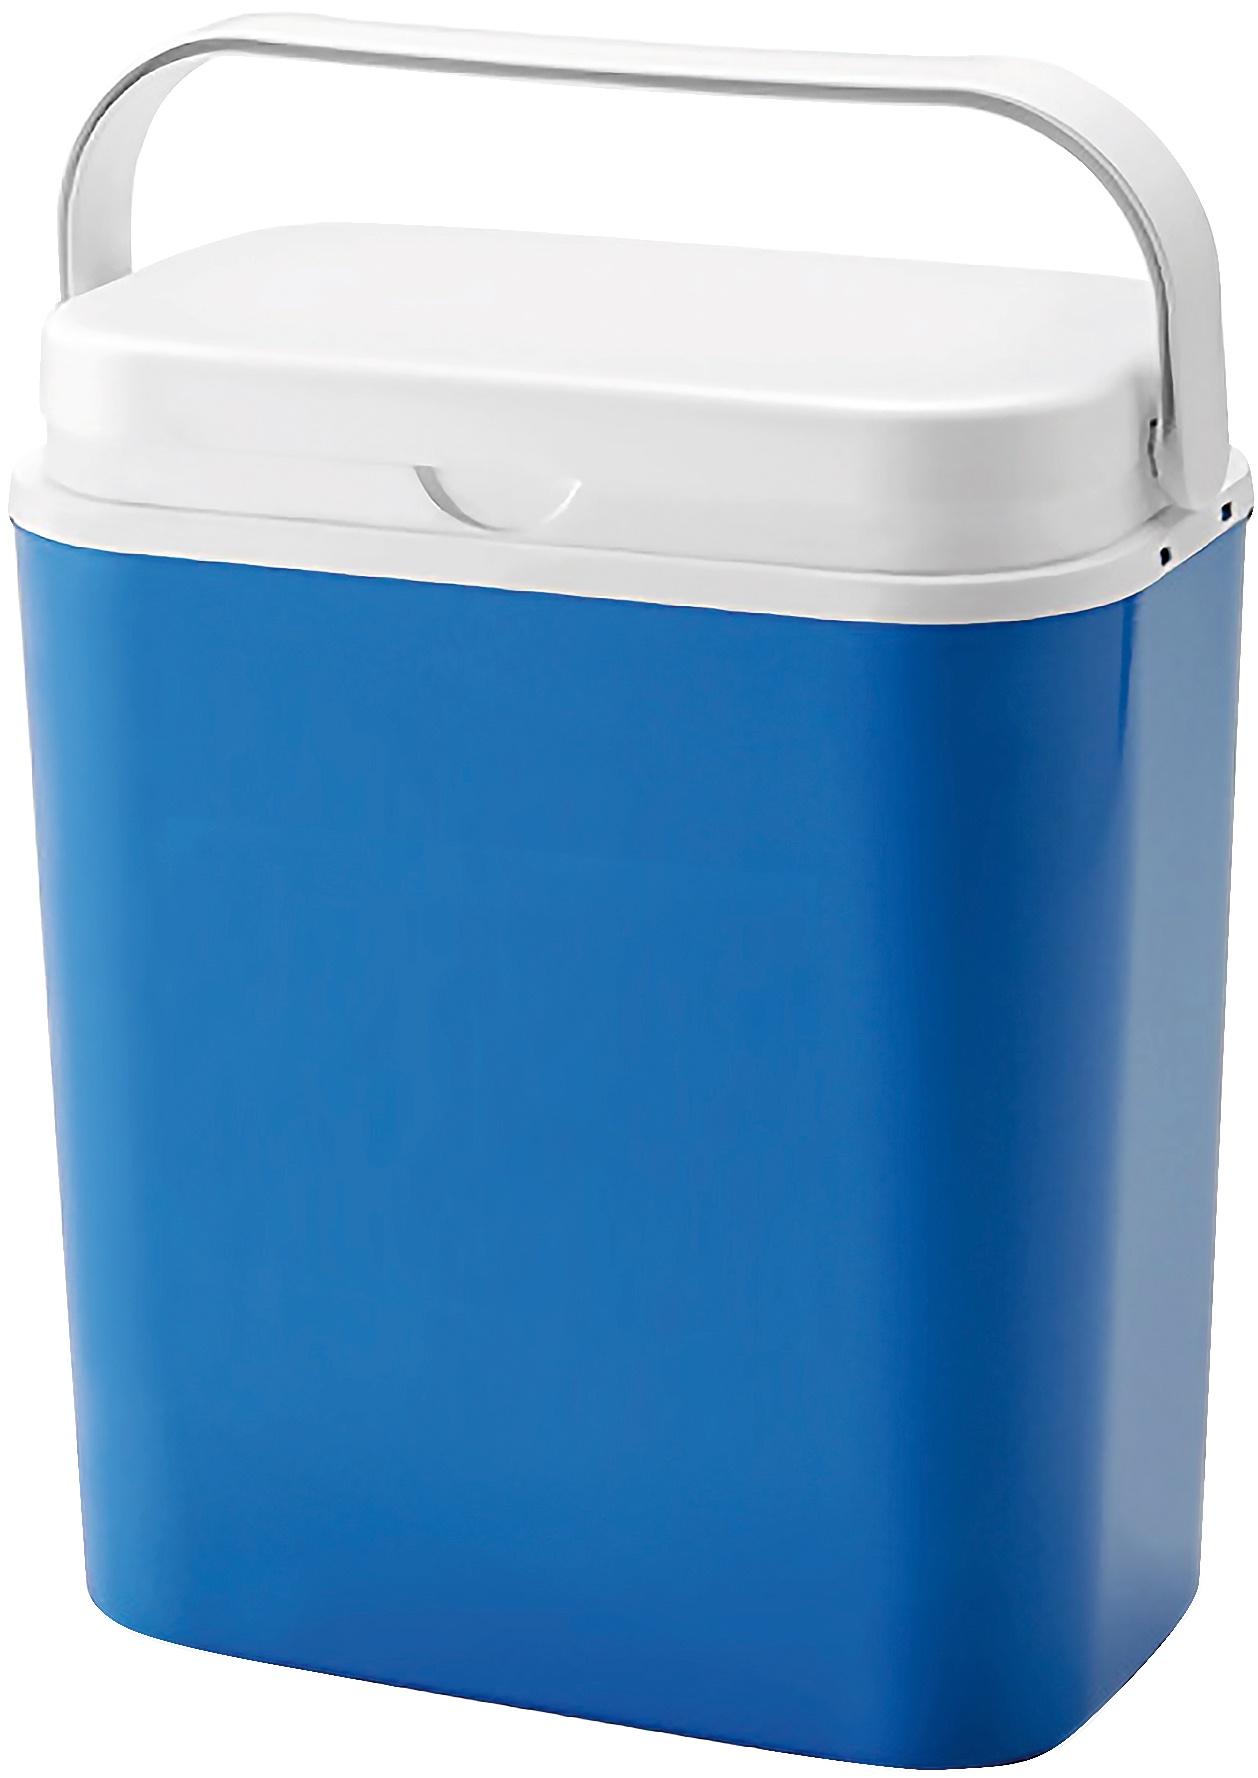 Изотермический контейнер Piktime 005036, синий, 18 л уголь piktime 554473